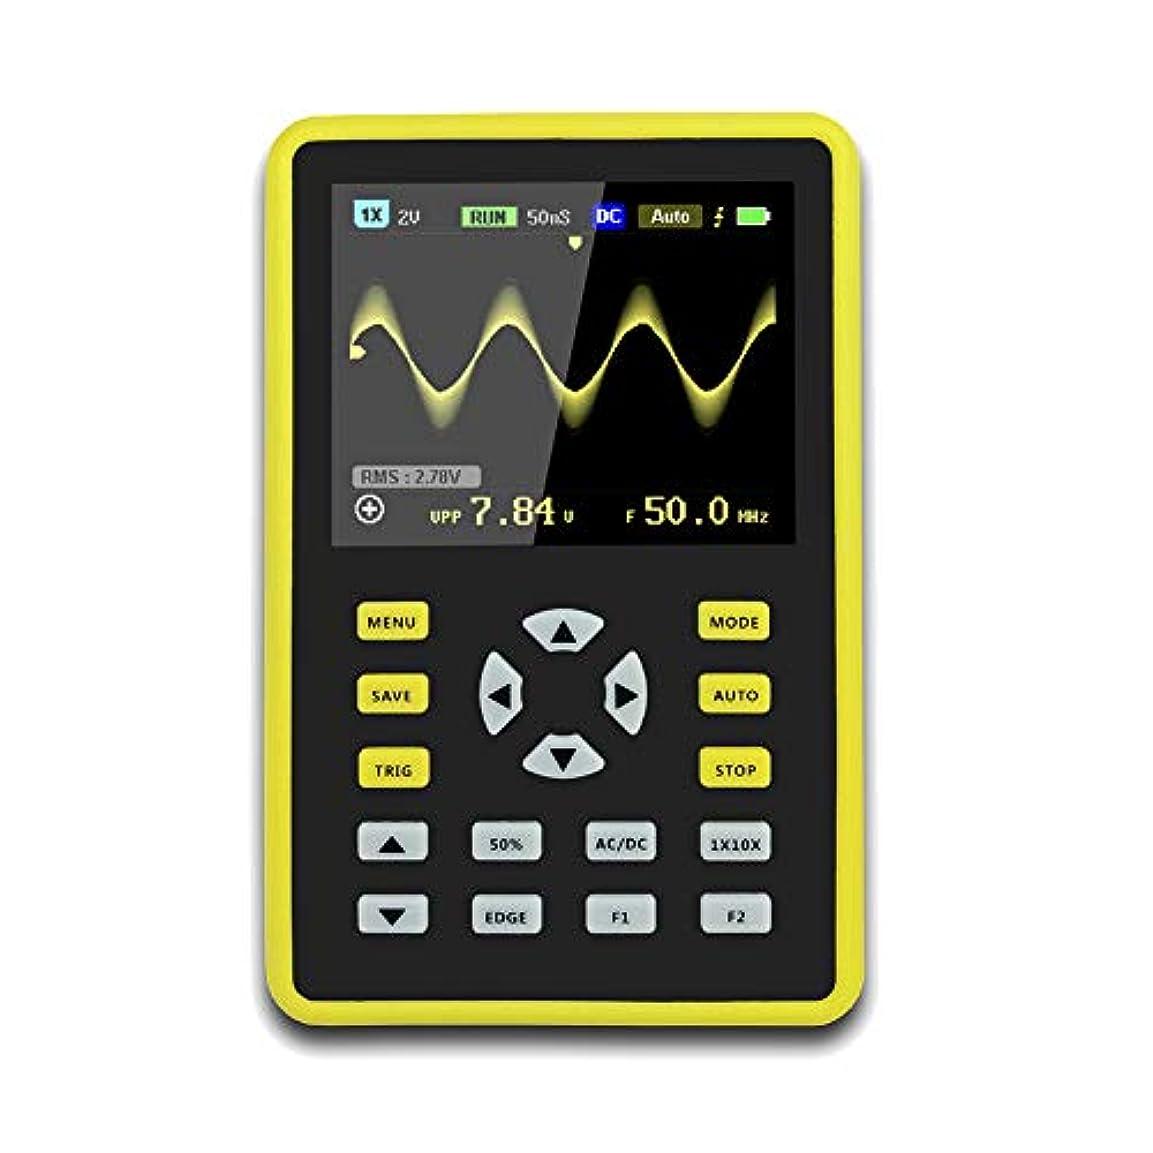 ベットむちゃくちゃポルトガル語Xlp  手持ち型デジタル小型オシロスコープ2.4インチ500 MS/s IPS LCD表示スクリーンの携帯用